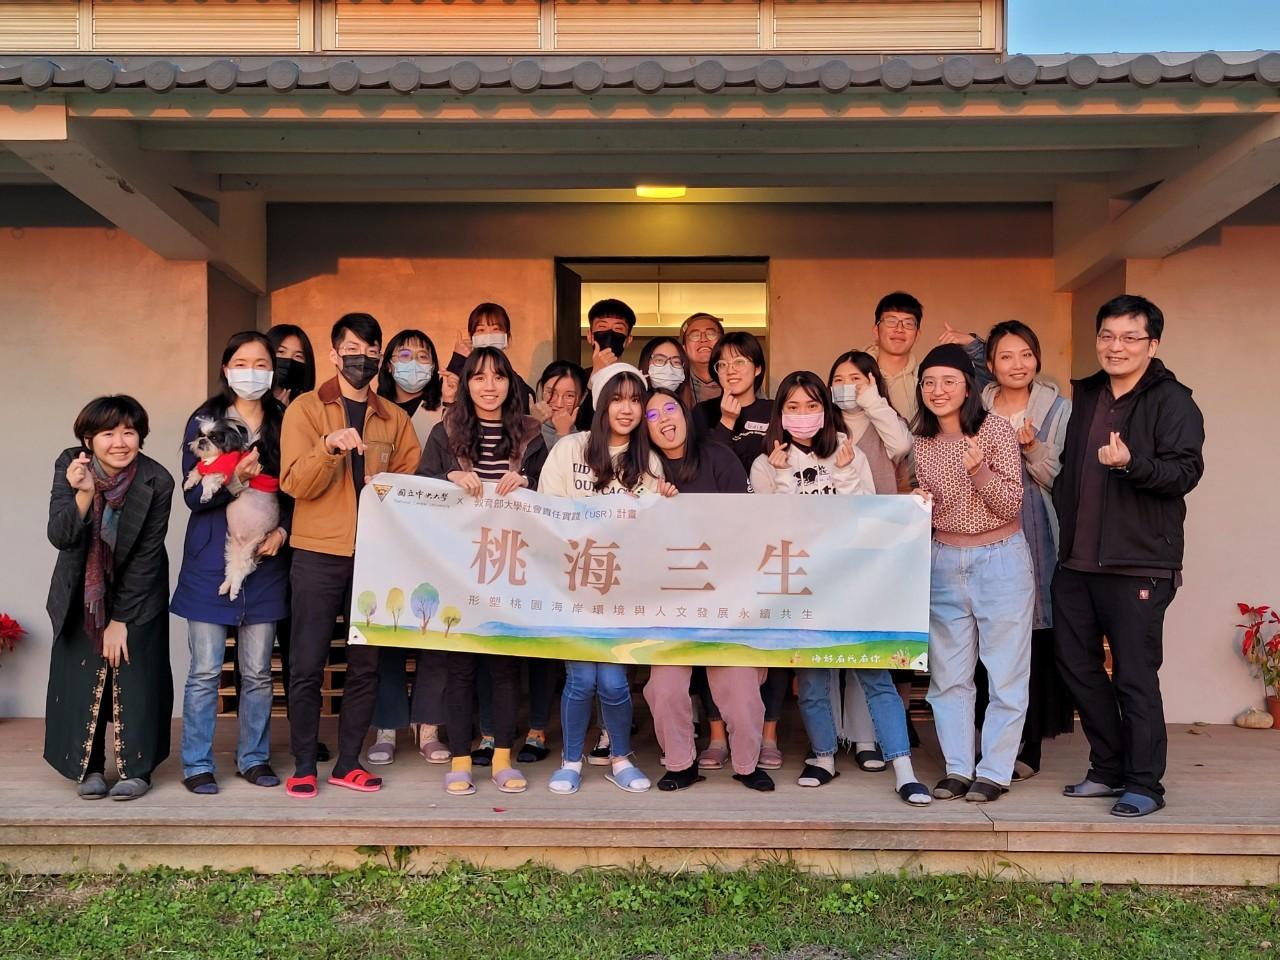 【活動紀錄|2021影響力創業家實驗室寒假一日培訓營】